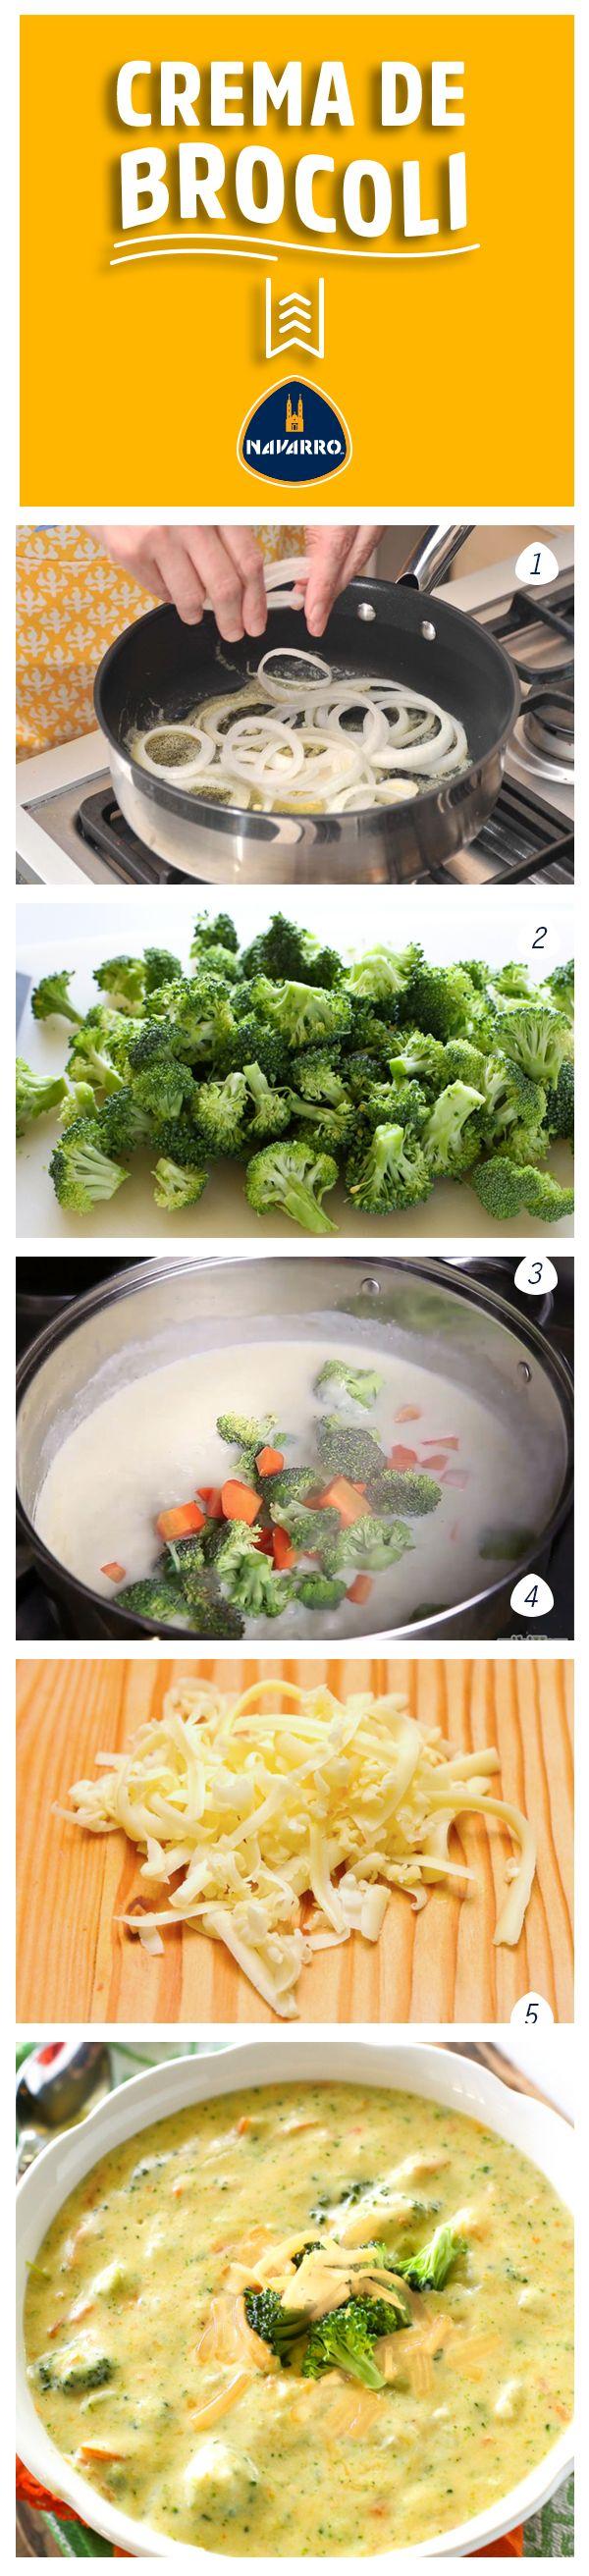 ¿Cómo hacer una crema de brócoli que te deje sin palabras? Fácil sólo necesitas: 1 cucharada de mantequilla para freir la cebolla, 1/2 cebolla mediana en aros, 1/4 taza de mantequilla derretida para darle consistencia y sabor, 1/4 taza de harina, 2 tazas de crema, 2 tazas de caldo de pollo, 3 tazas de brócoli fresco cortado en trozos pequeños, 1 taza de zanahoria en trozos pequeños, 1/4 cucharadita de nuez moscada, 2 tazas de Queso Cheddar NAVARRO rallado, sal y pimienta.